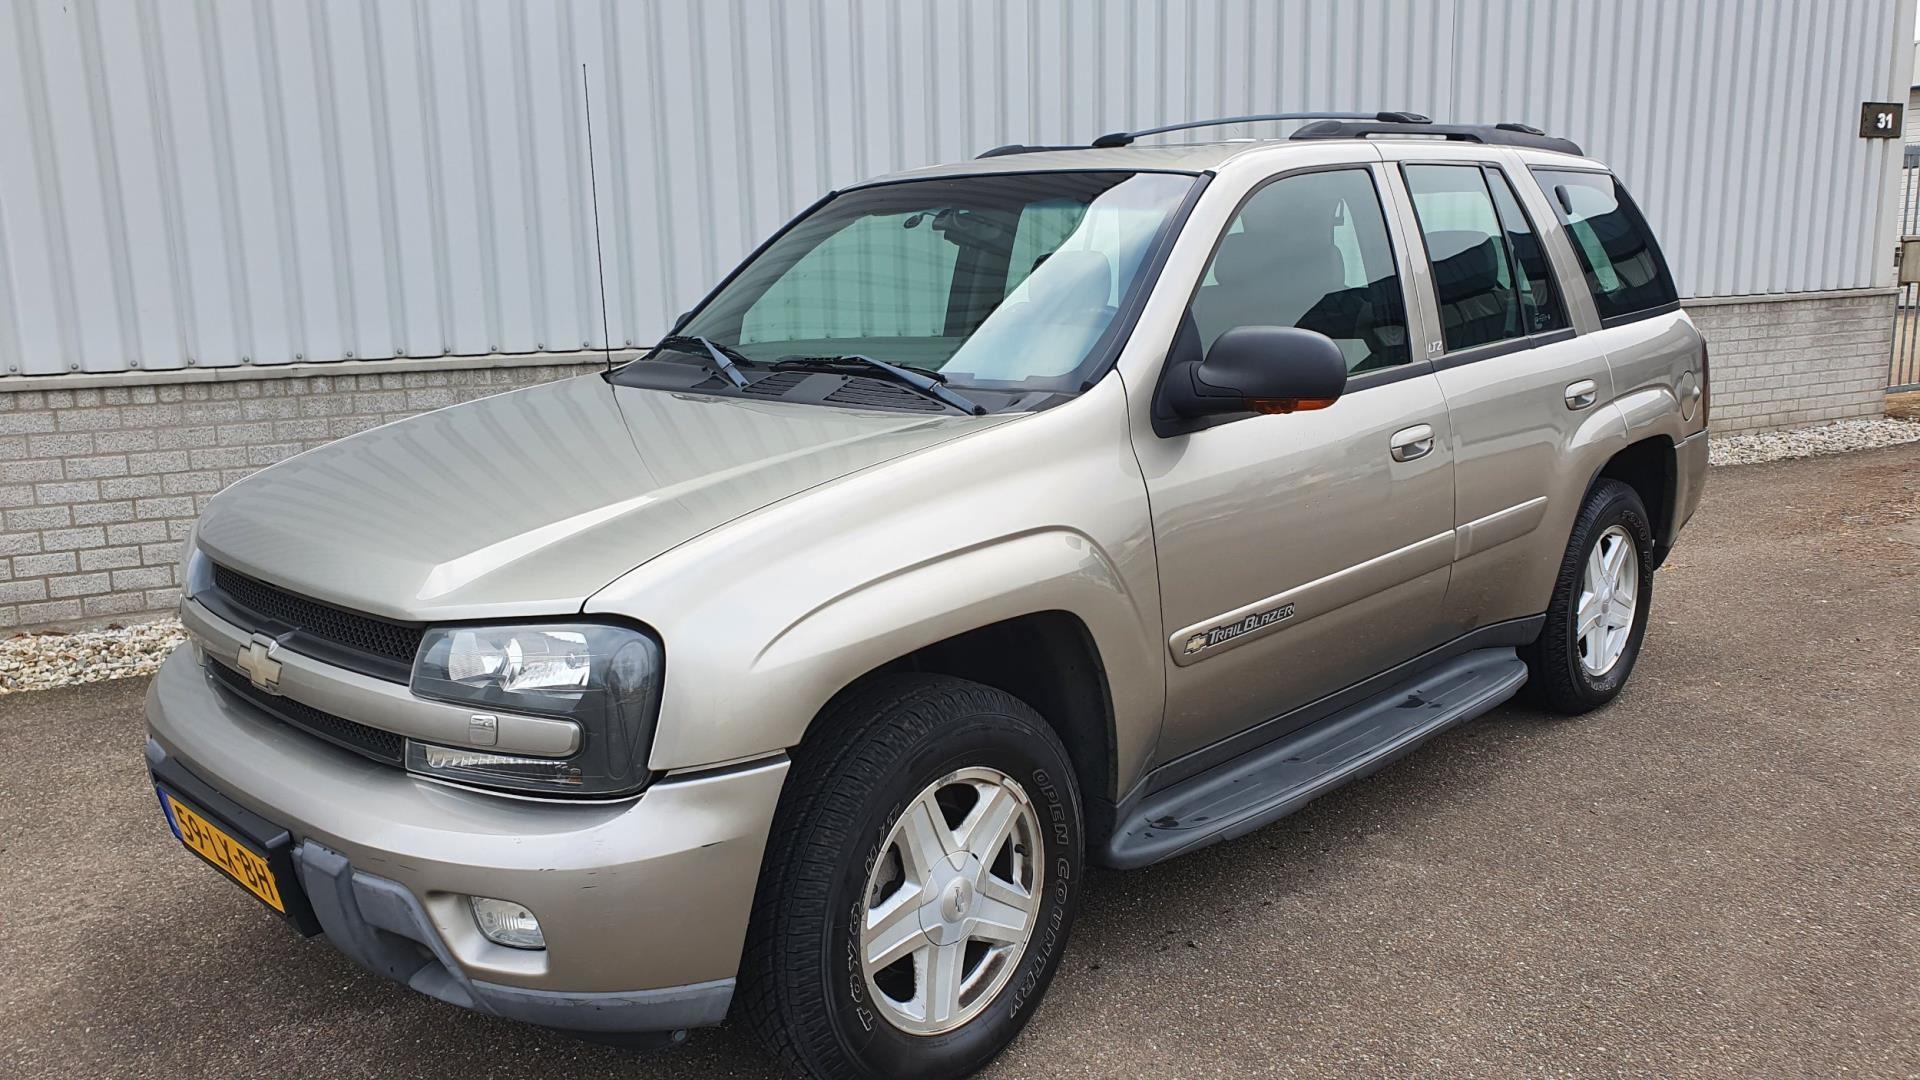 Chevrolet USA Trailblazer occasion - Terborg Auto's